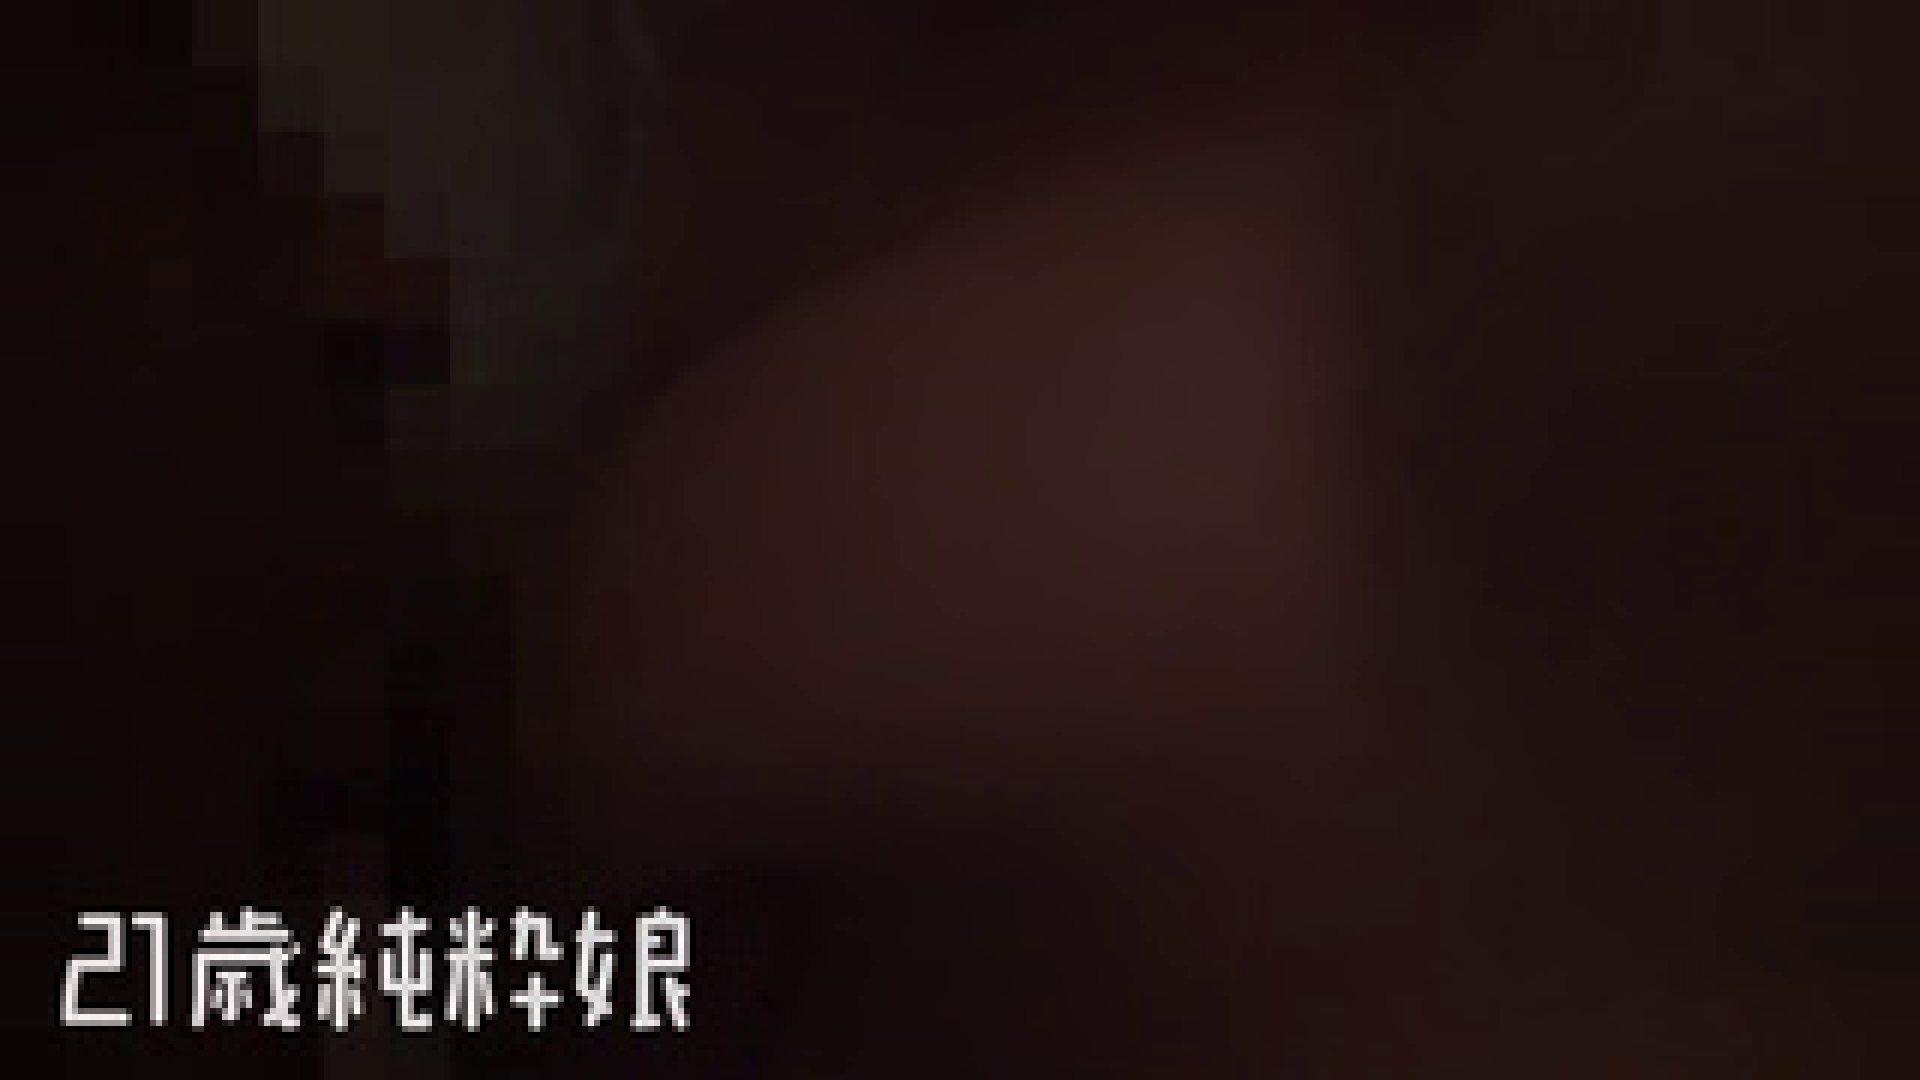 上京したばかりのGカップ21歳純粋嬢を都合の良い女にしてみた4 ホテル | ギャル達のおっぱい  96画像 42